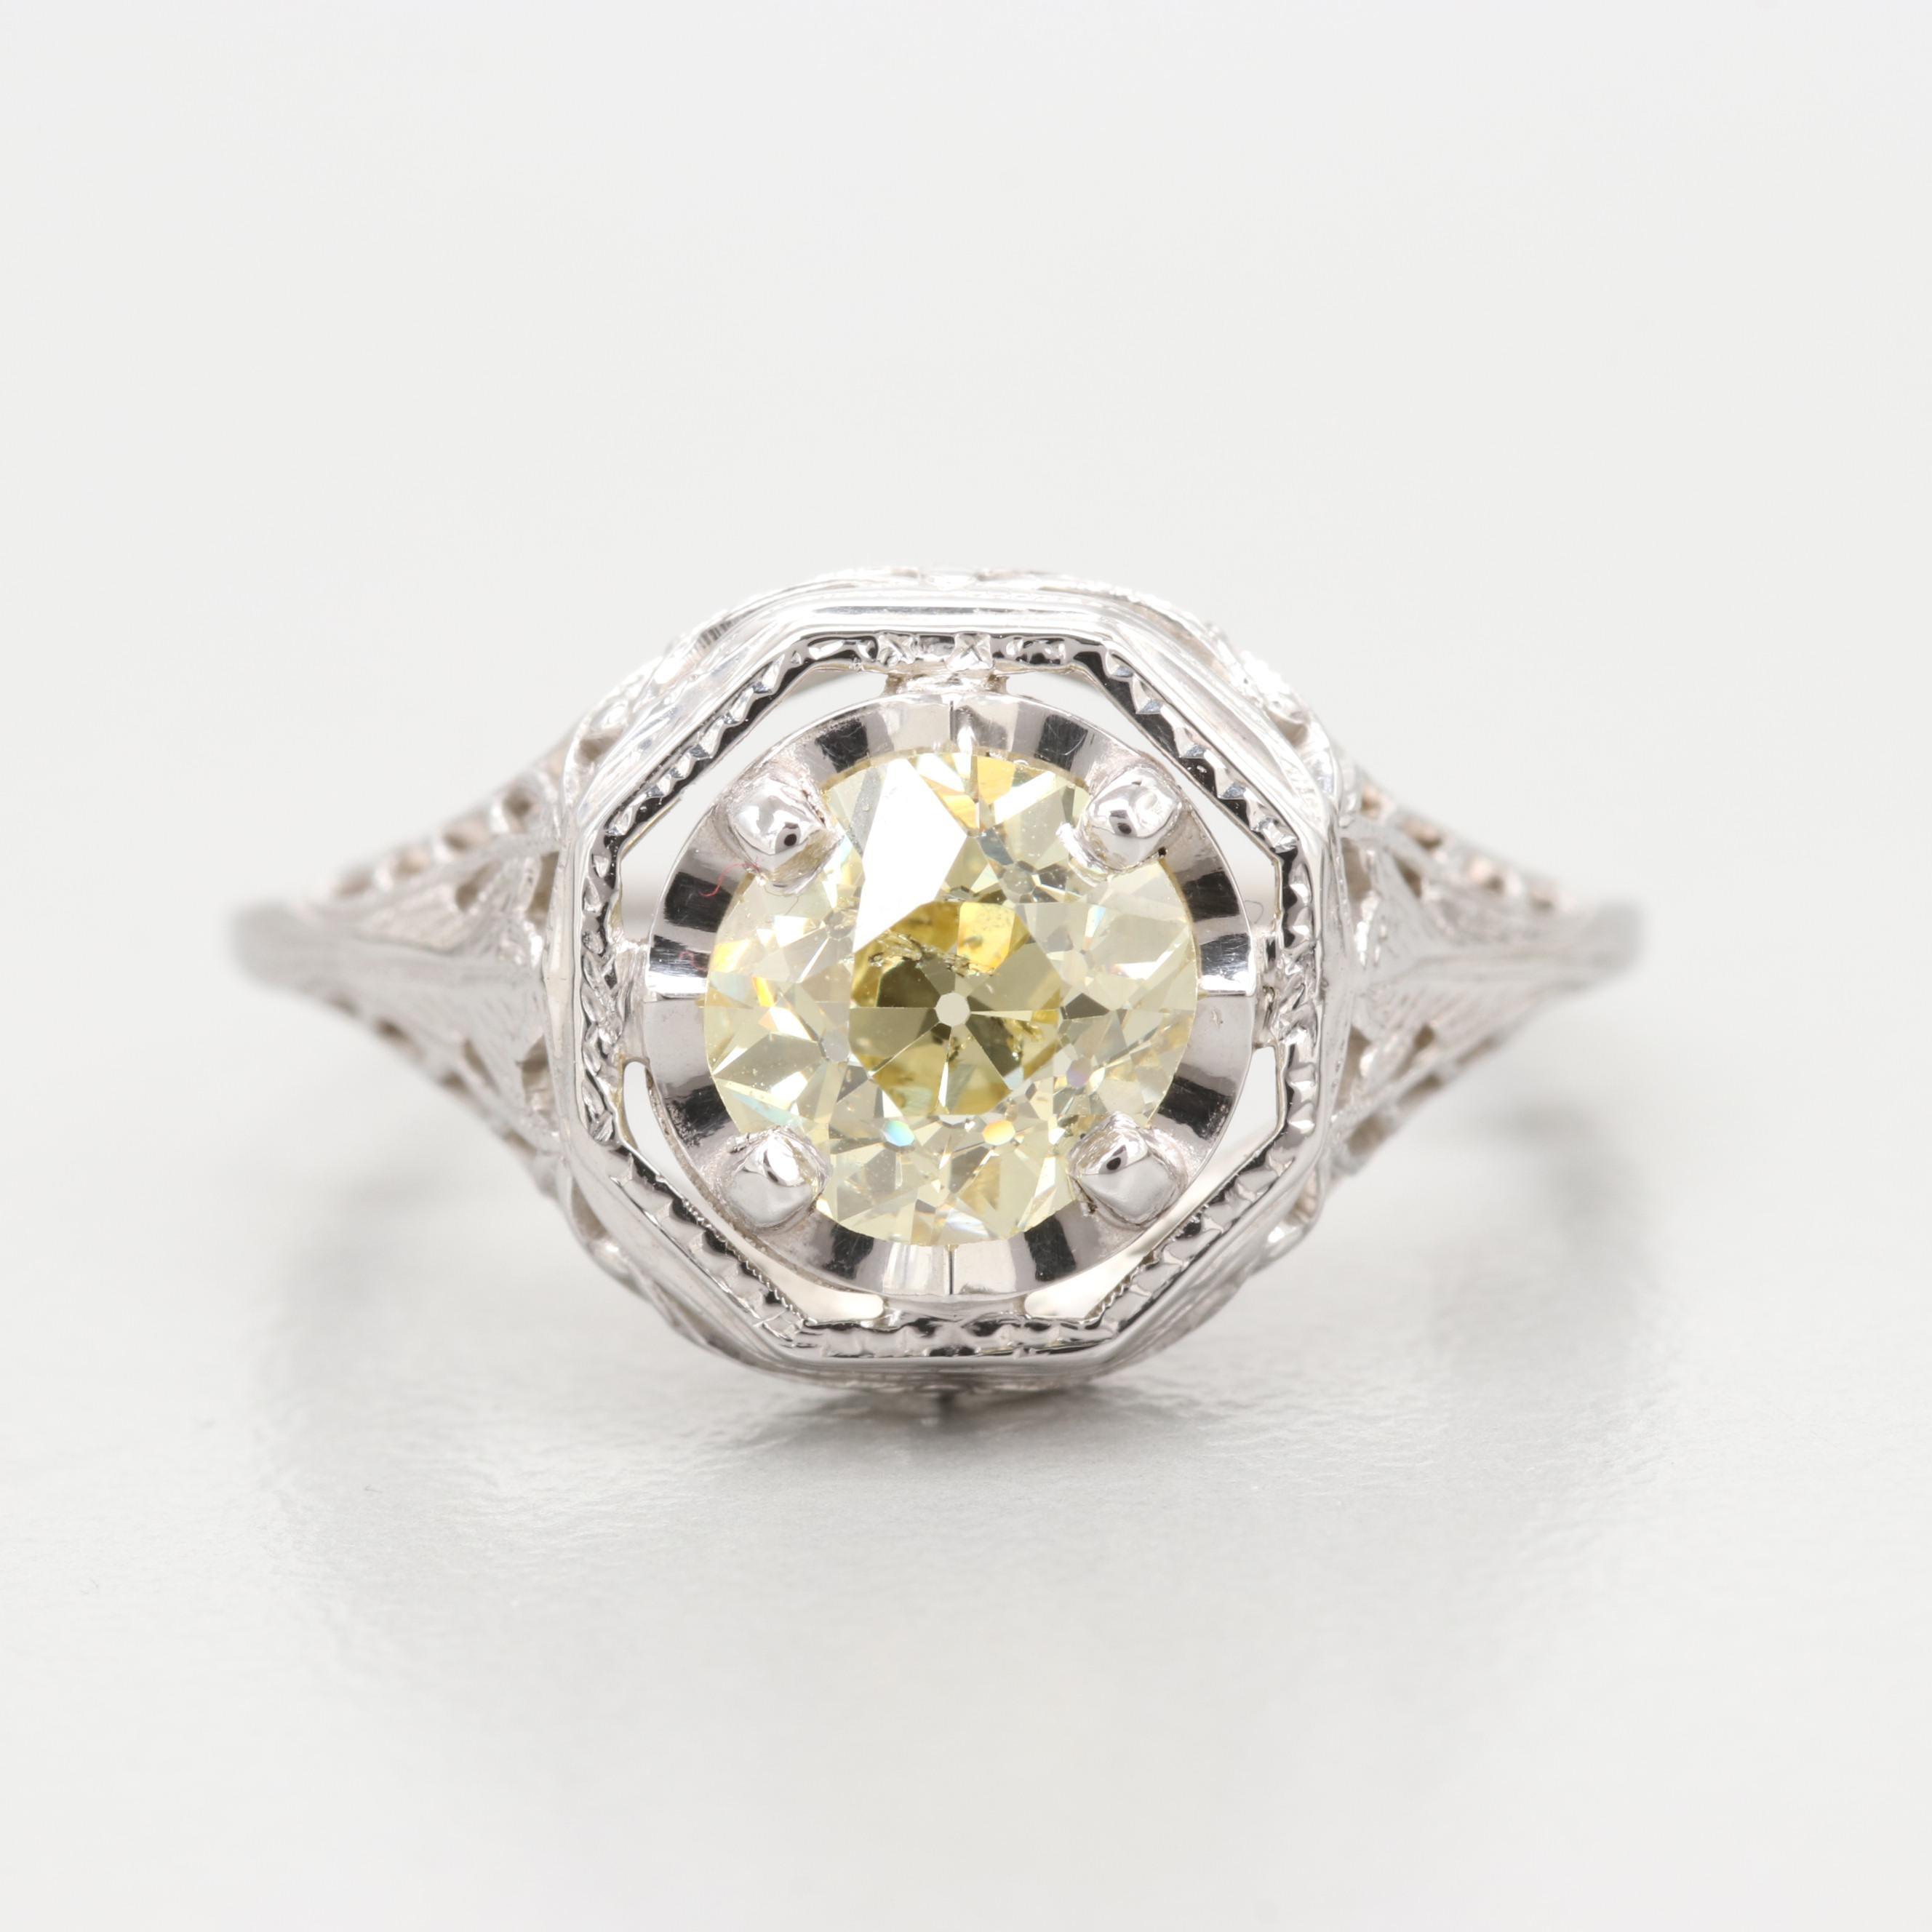 18K White Gold 1.10 CT Diamond Ring